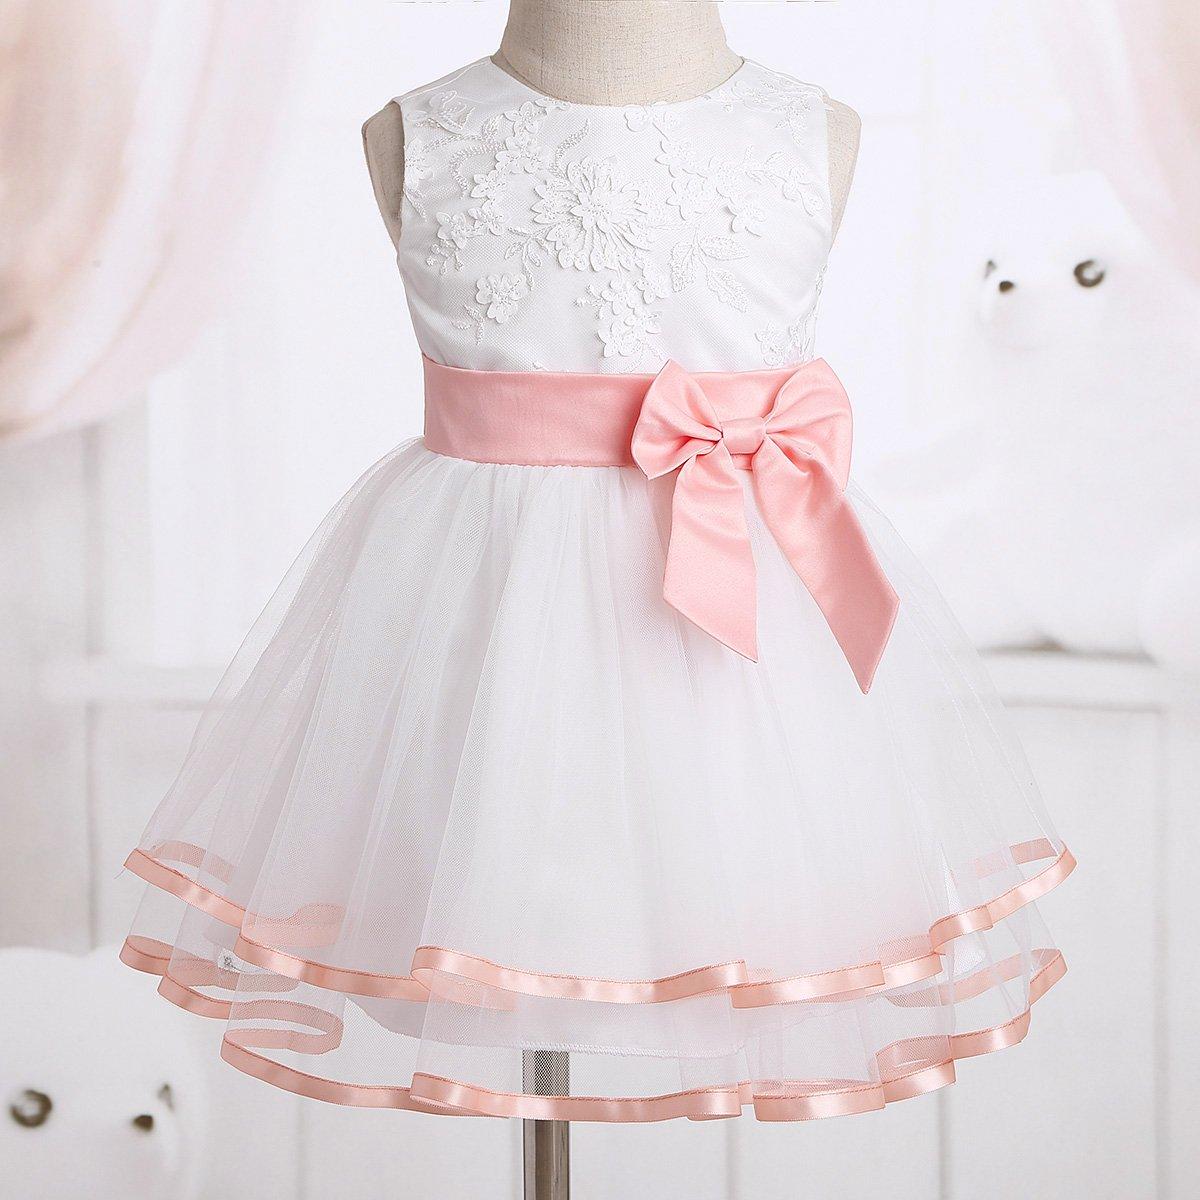 iiniim Baby M/ädchen Kleid Festlich Kleid Blumenm/ädchenkleid Prinzessin Taufkleid Hochzeit Baby Kleider F/ür 0-24 Monate